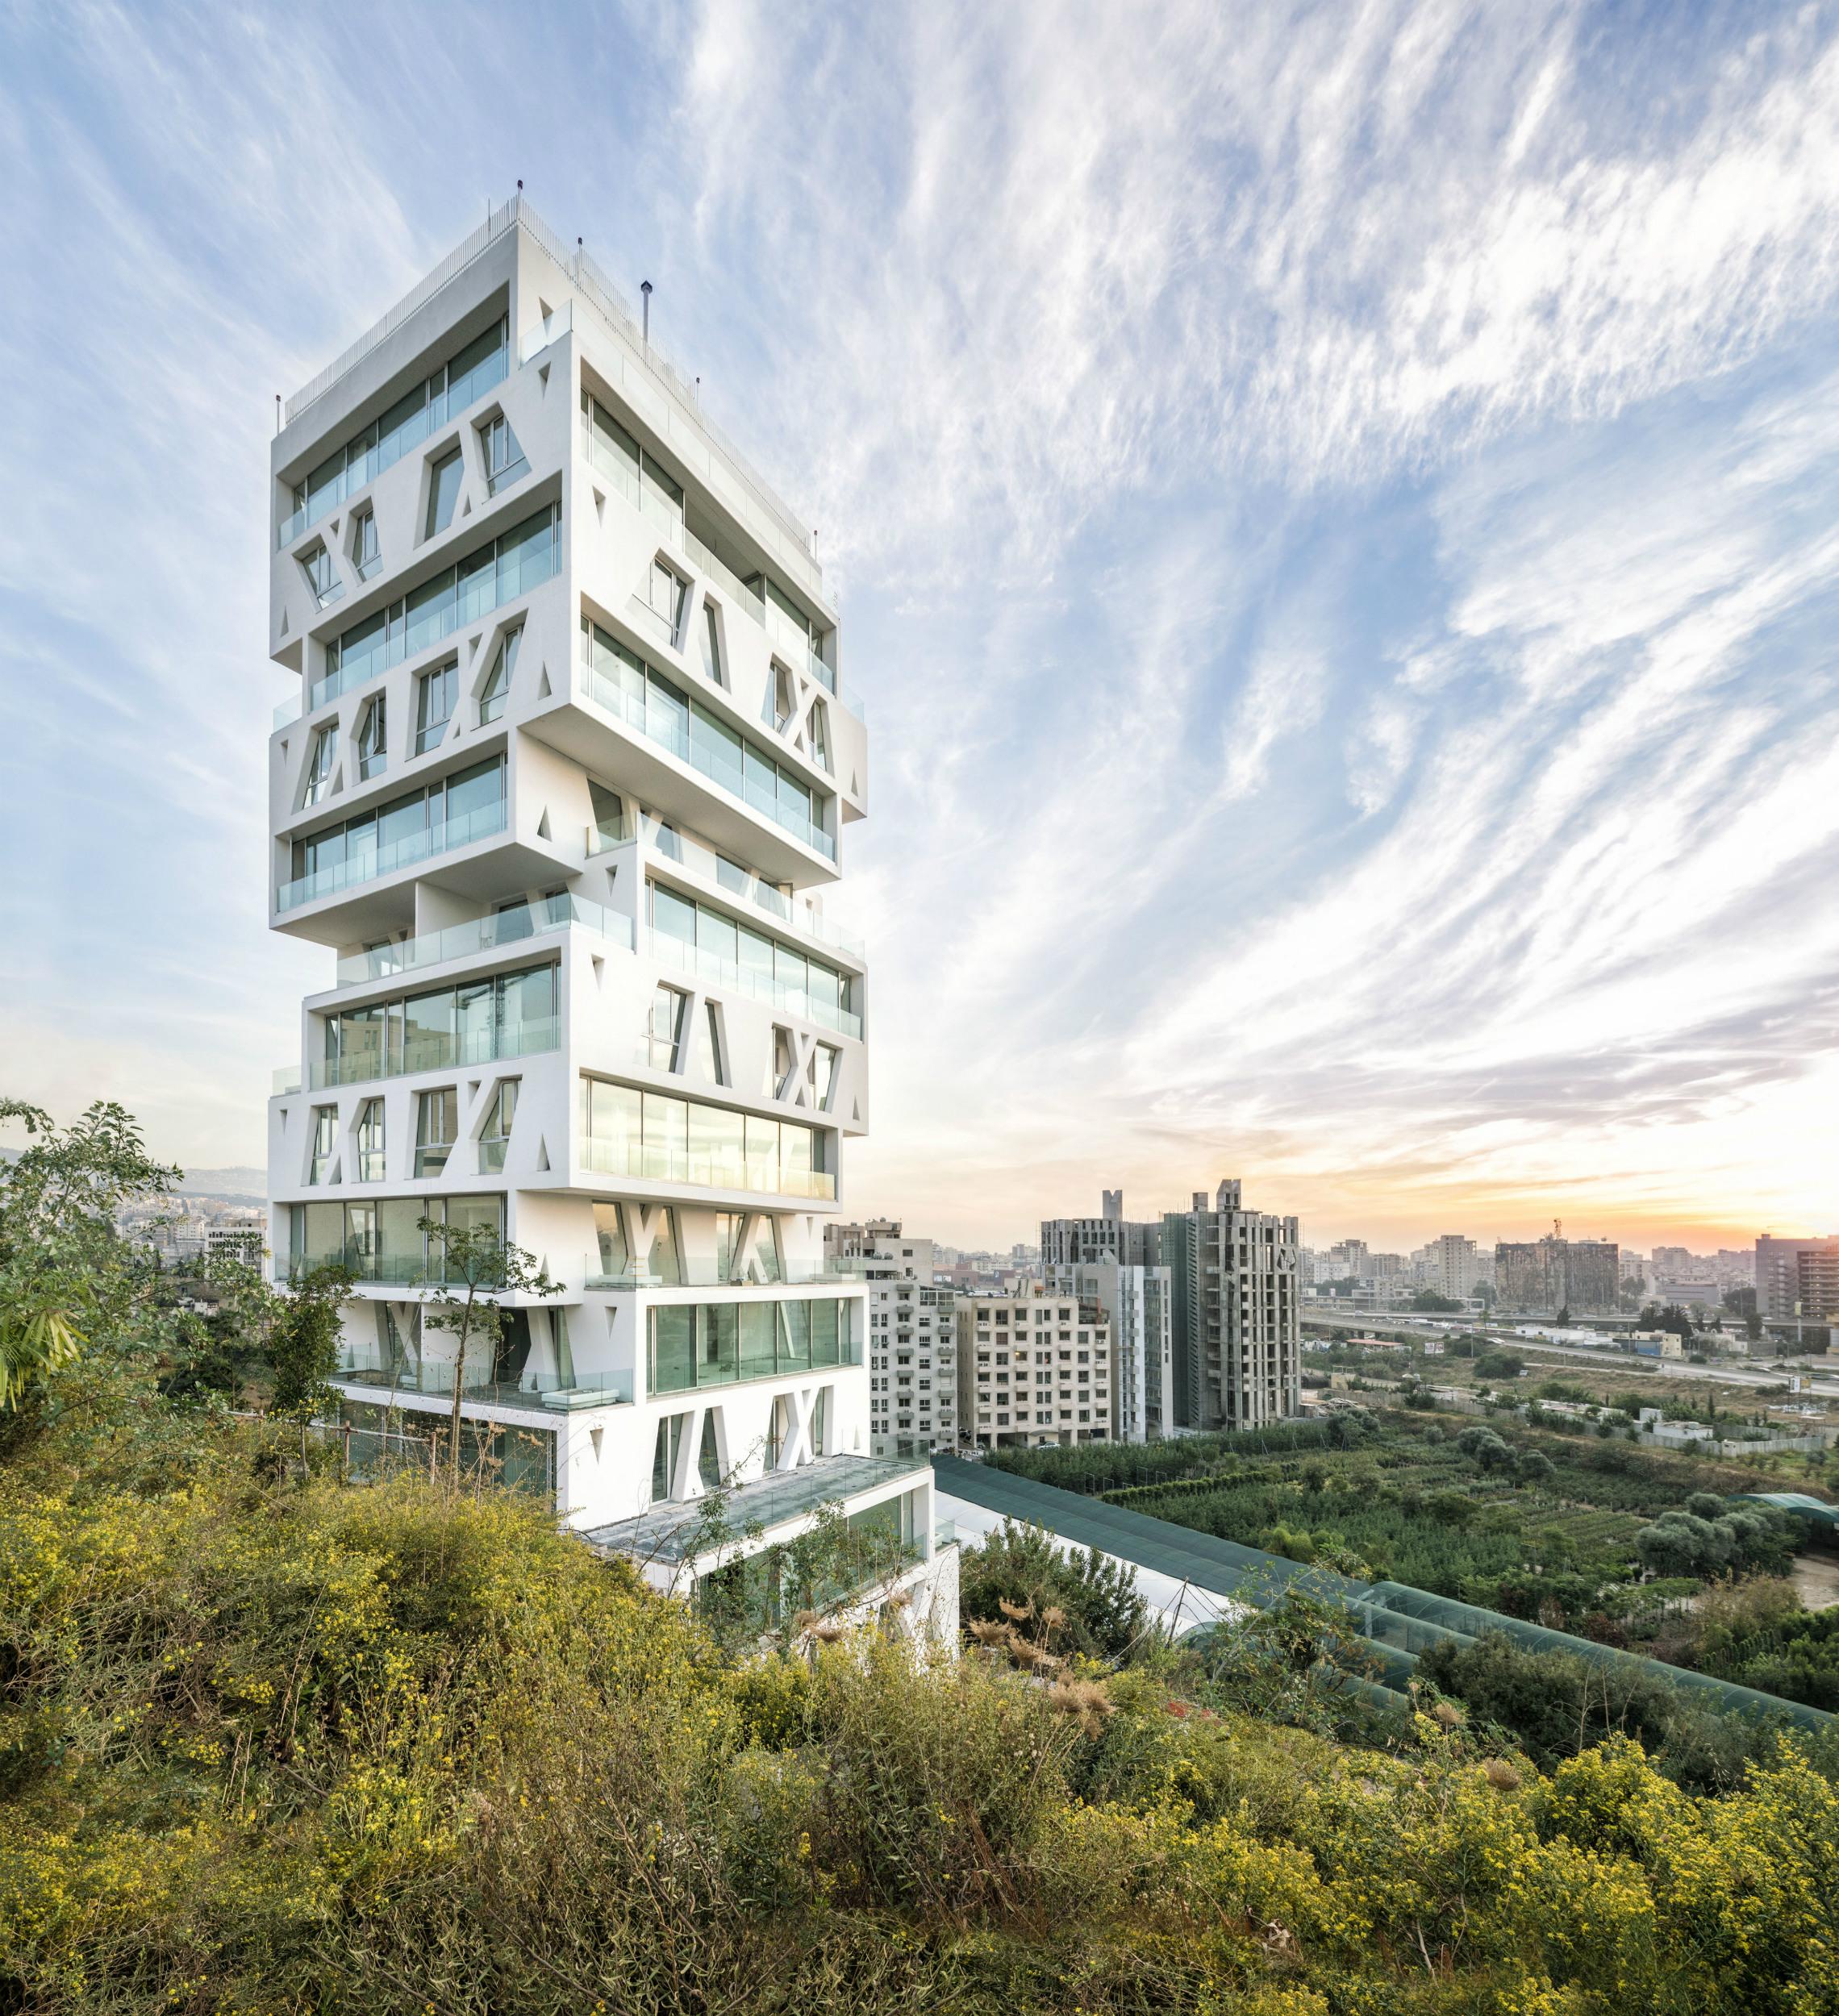 El edificio The Cube, ubicado en Beirut, Líbano consta de 14 plantas similares a cajas. Foto: Matthijs van Roon. Foto cedida por The Council on Tall Buildings and Urban Habitat (CTBUH).